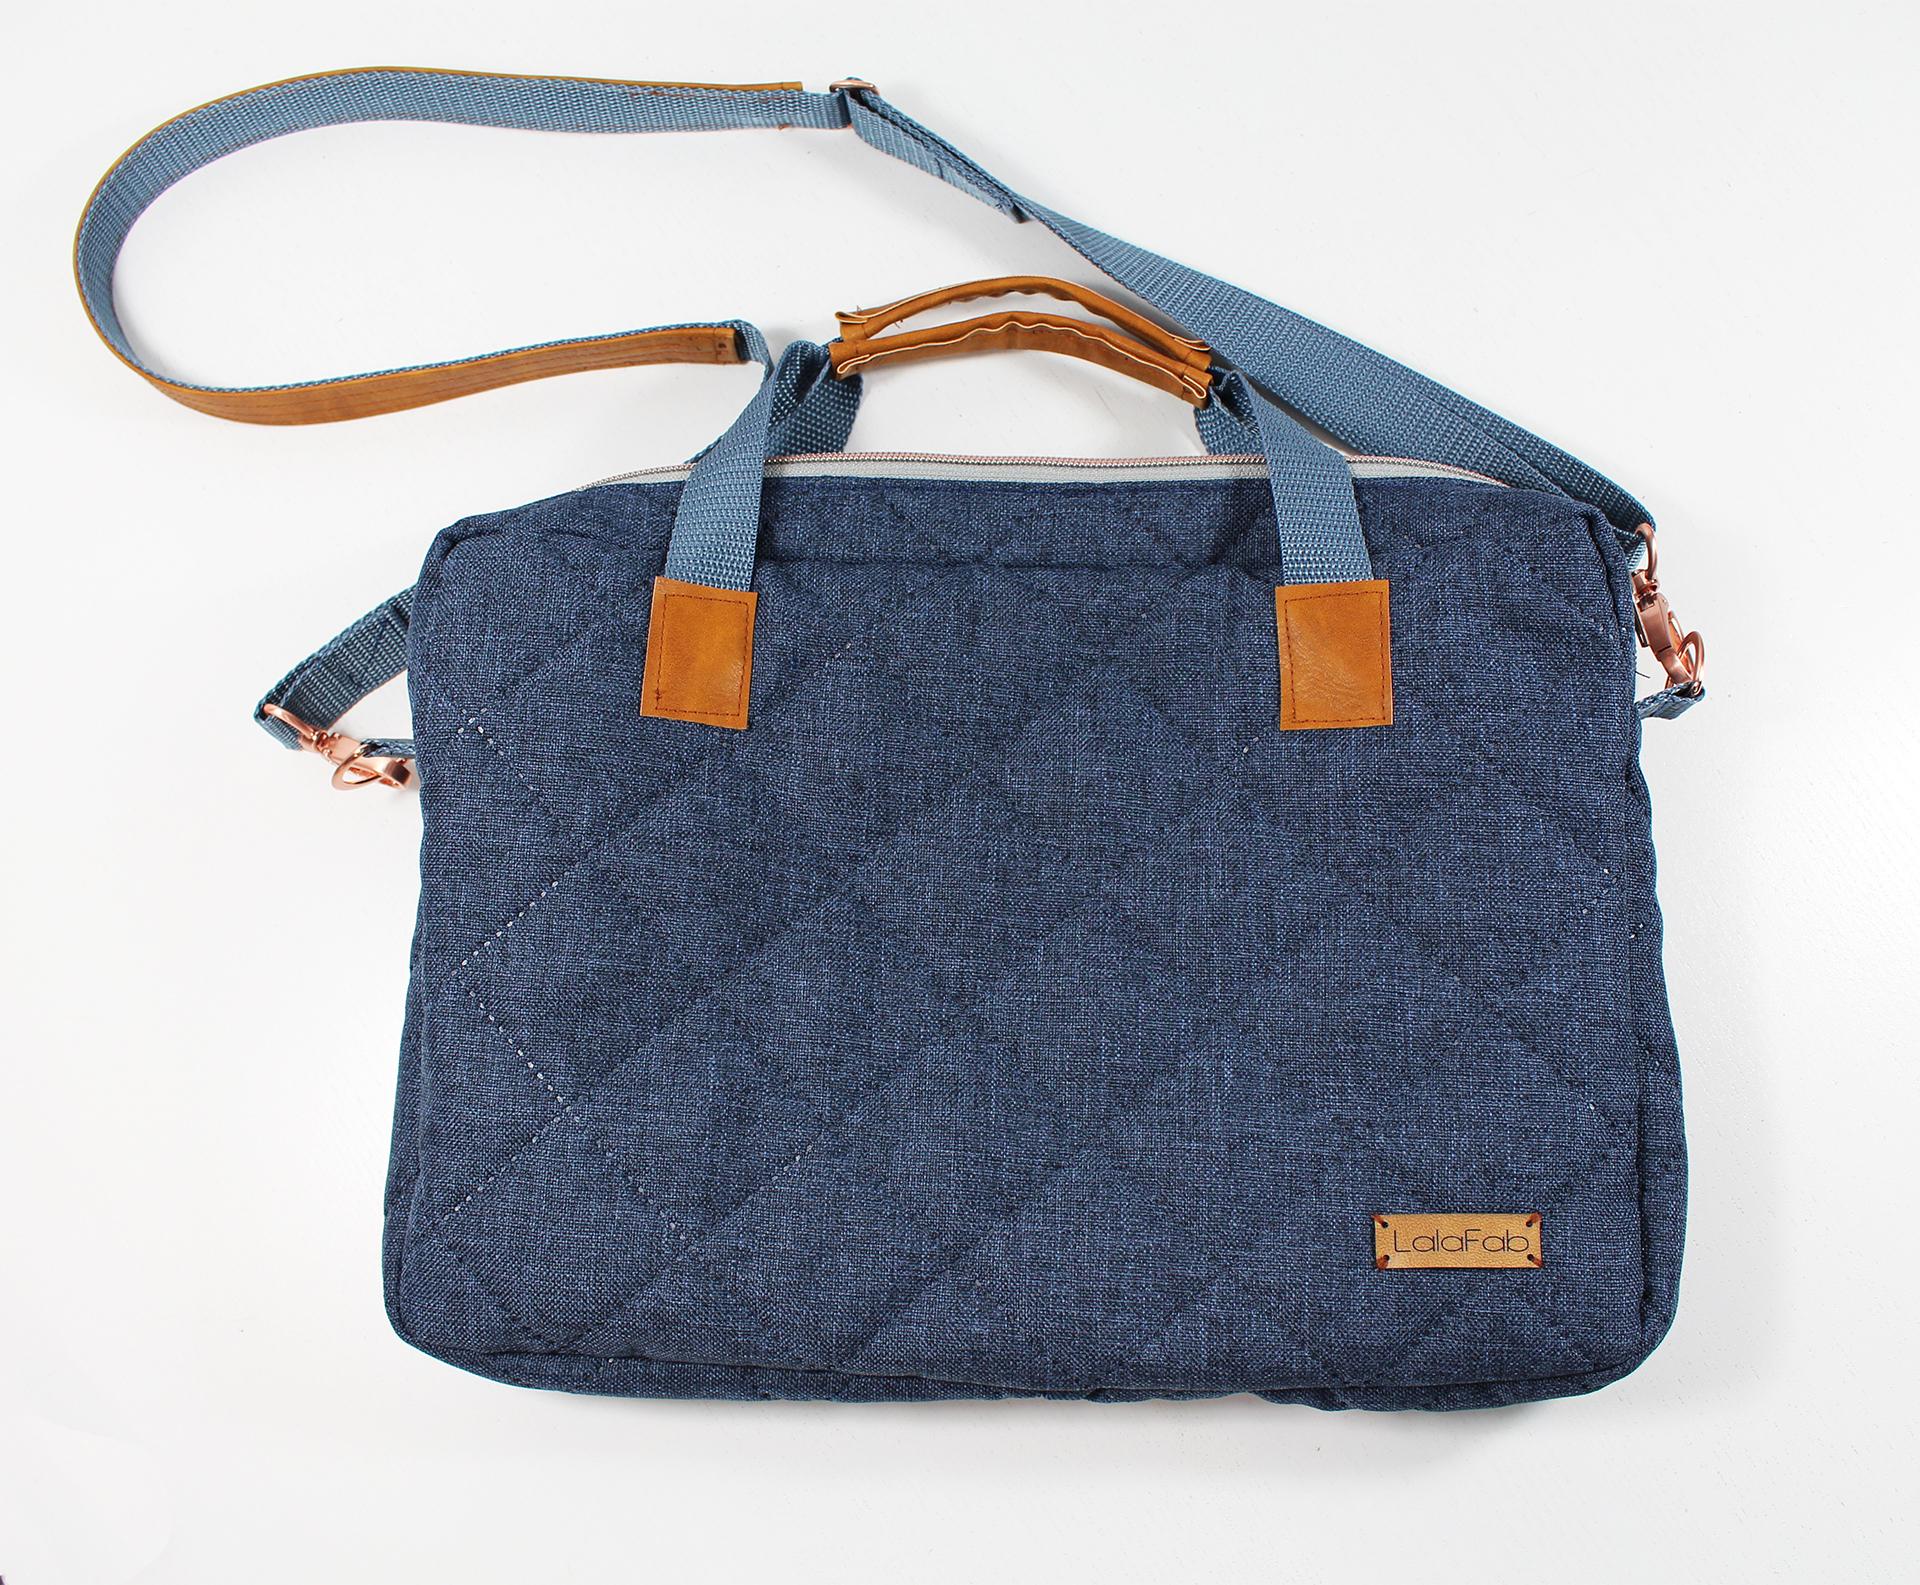 Weitere Variante der Notebooktasche Sandy